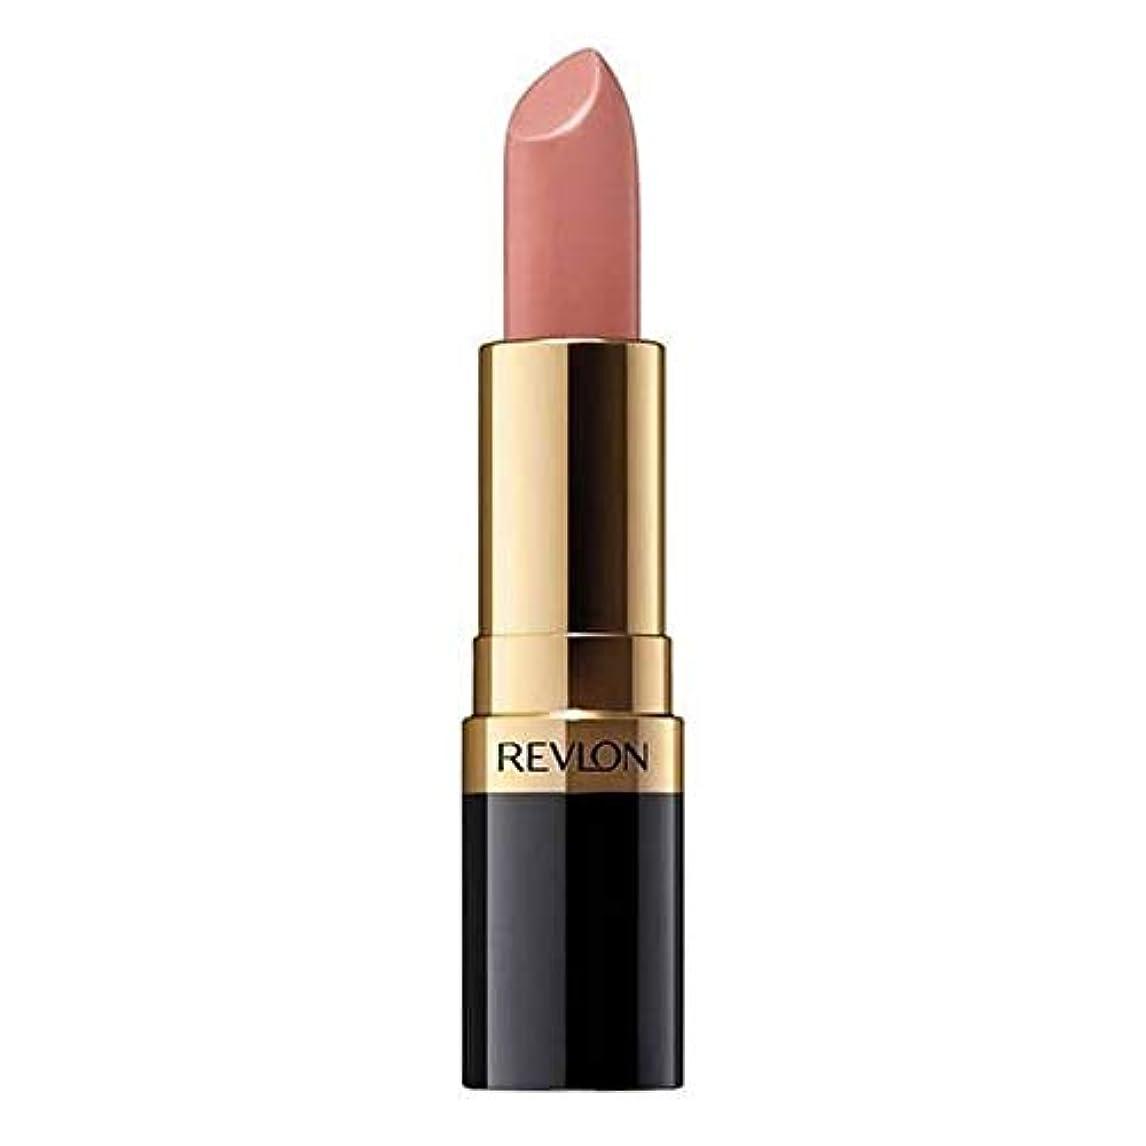 武装解除デッドロックフロー[Revlon ] レブロンSuperlustrous口紅裸事件 - Revlon SuperLustrous Lipstick Bare Affair [並行輸入品]